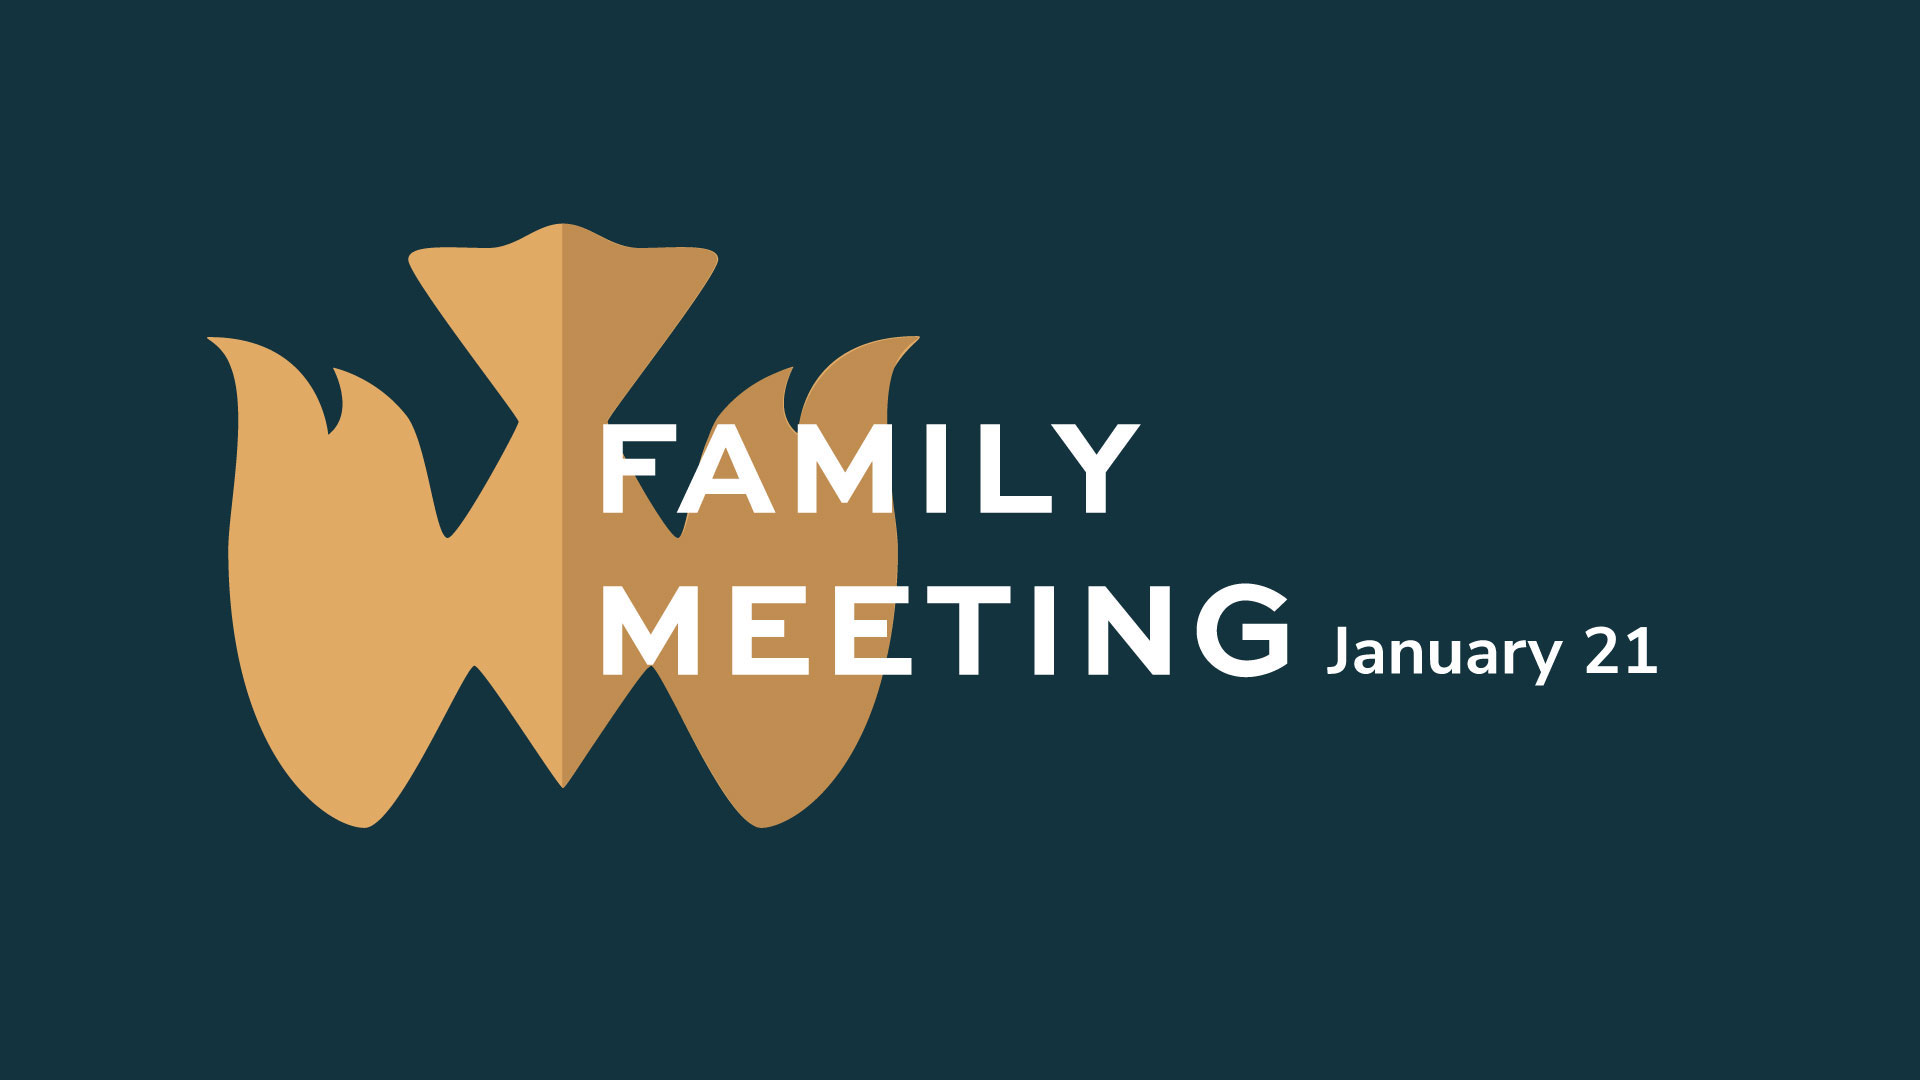 FamilyMeeting 1.21.18.jpg